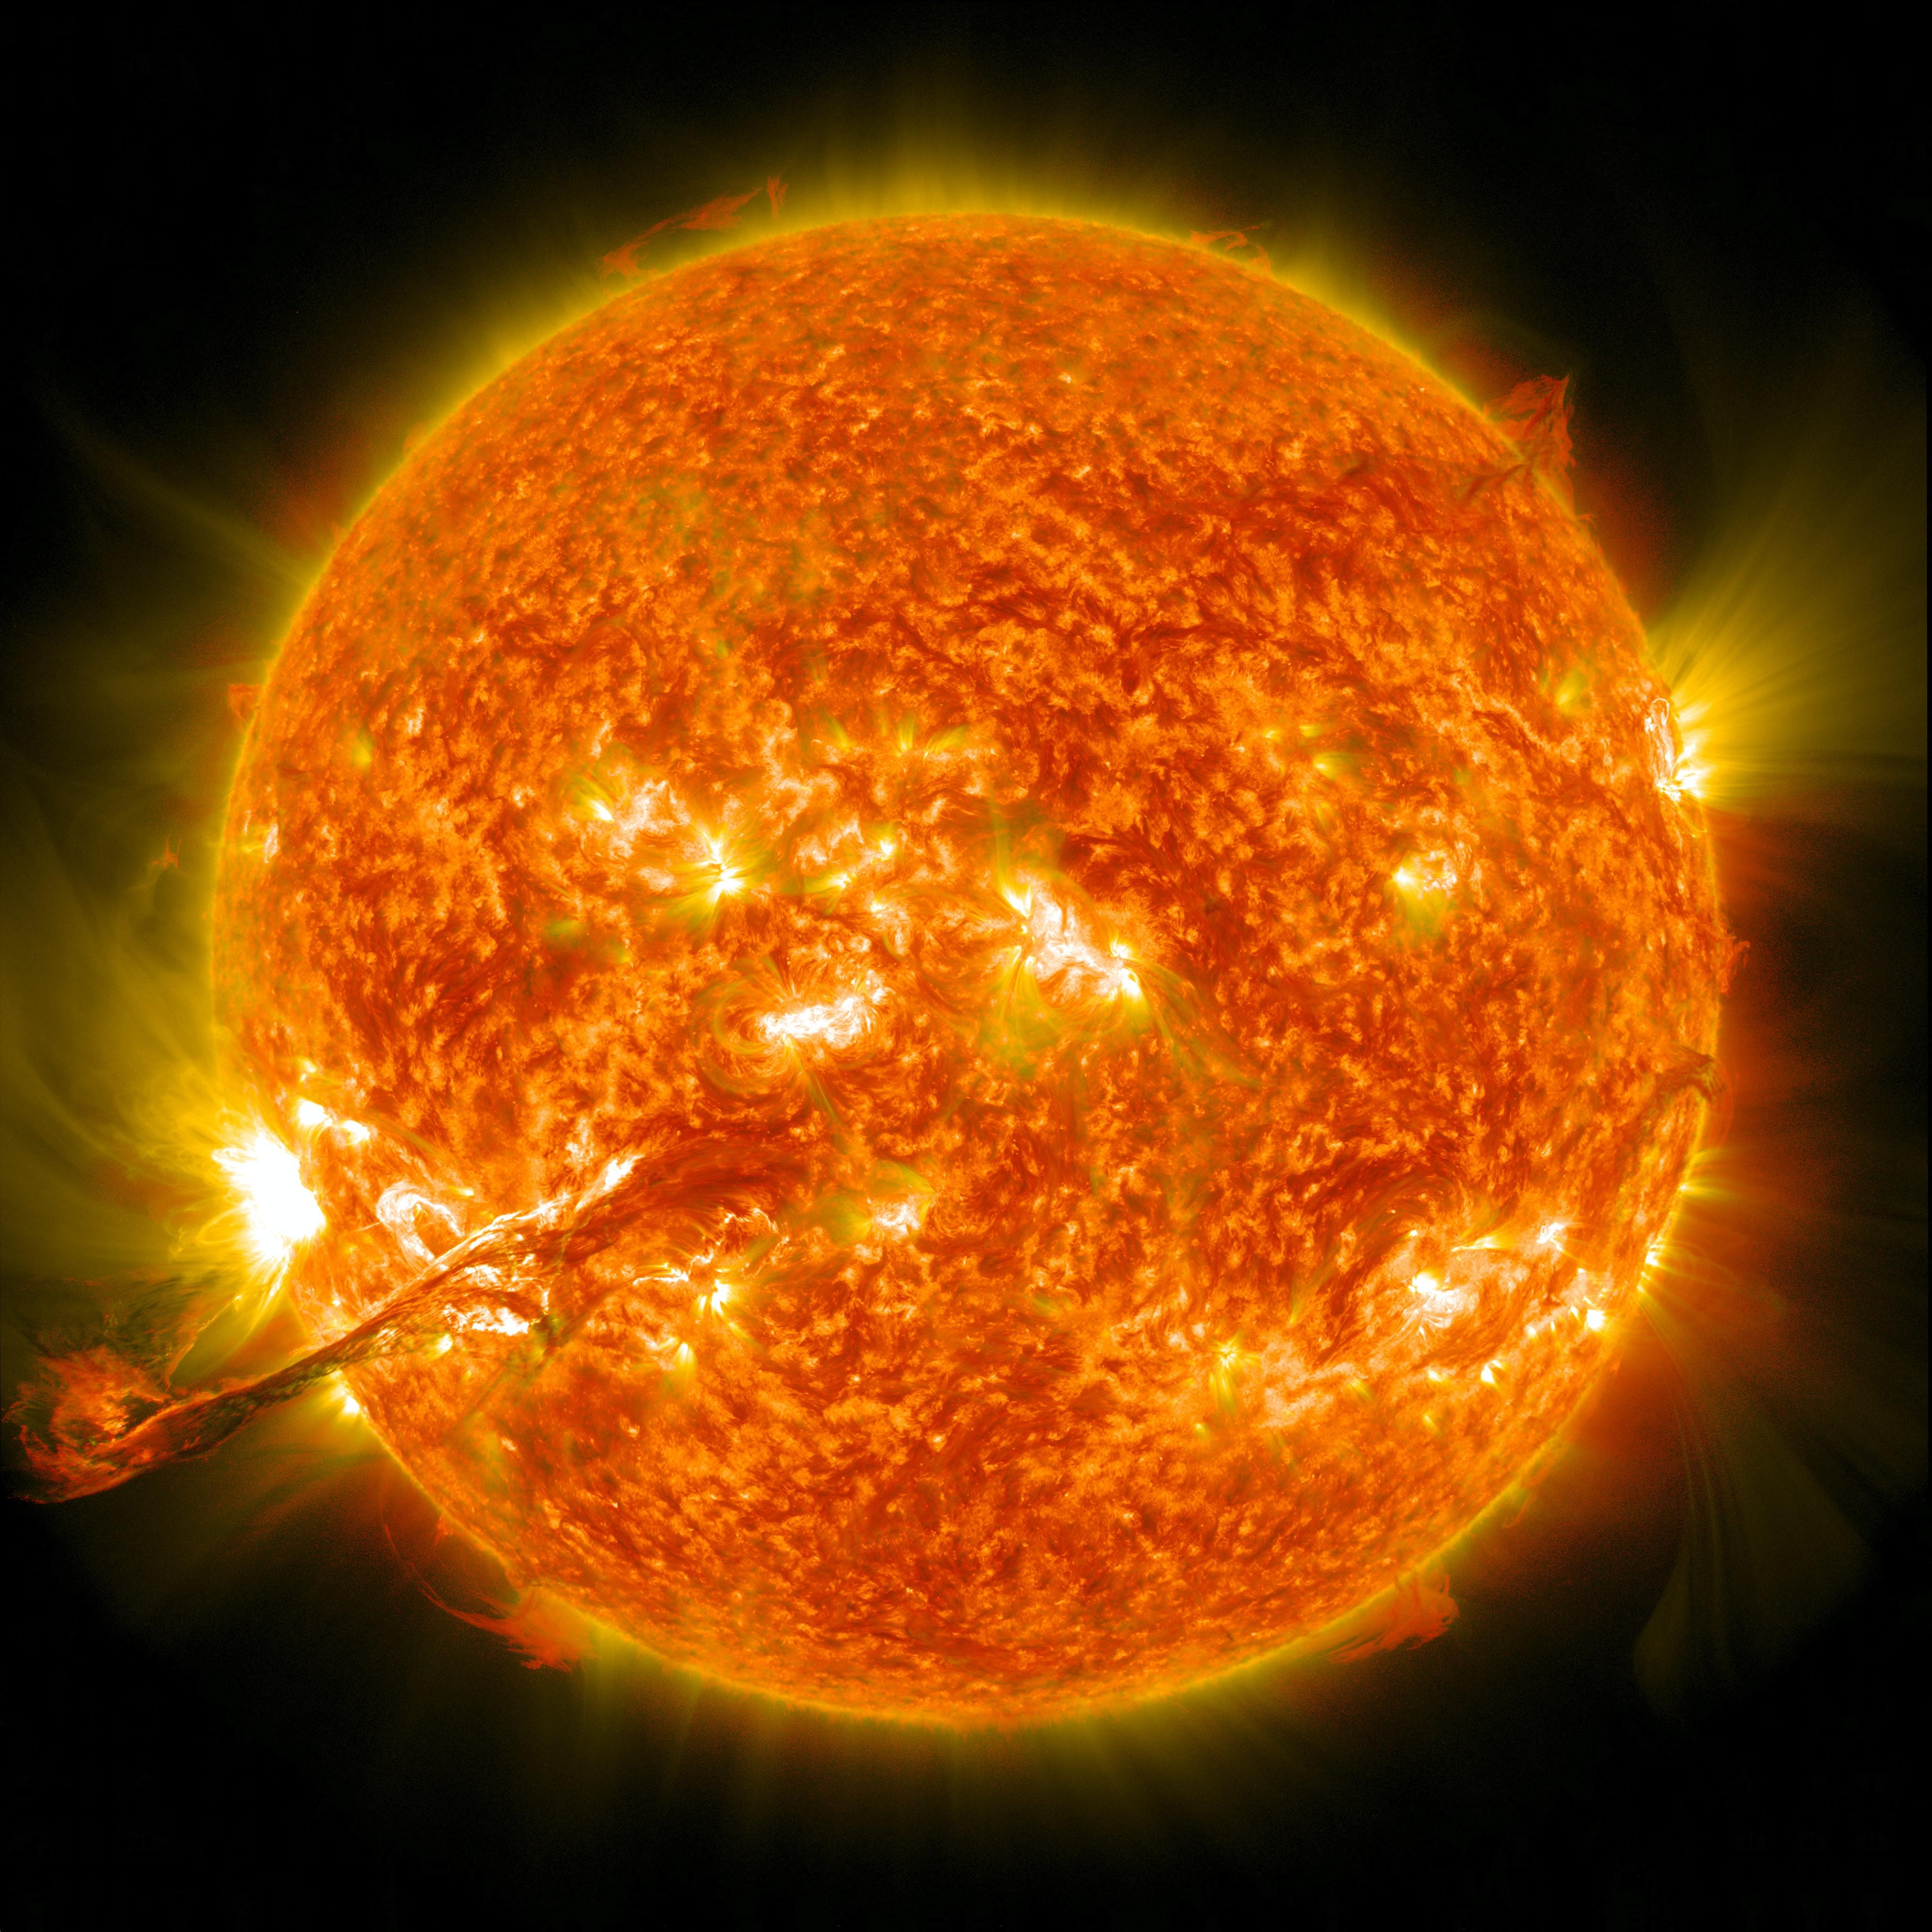 87005 Заставки и Обои Свечение на телефон. Скачать Свечение, Космос, Солнце, Свет, Яркий, Вспышки картинки бесплатно